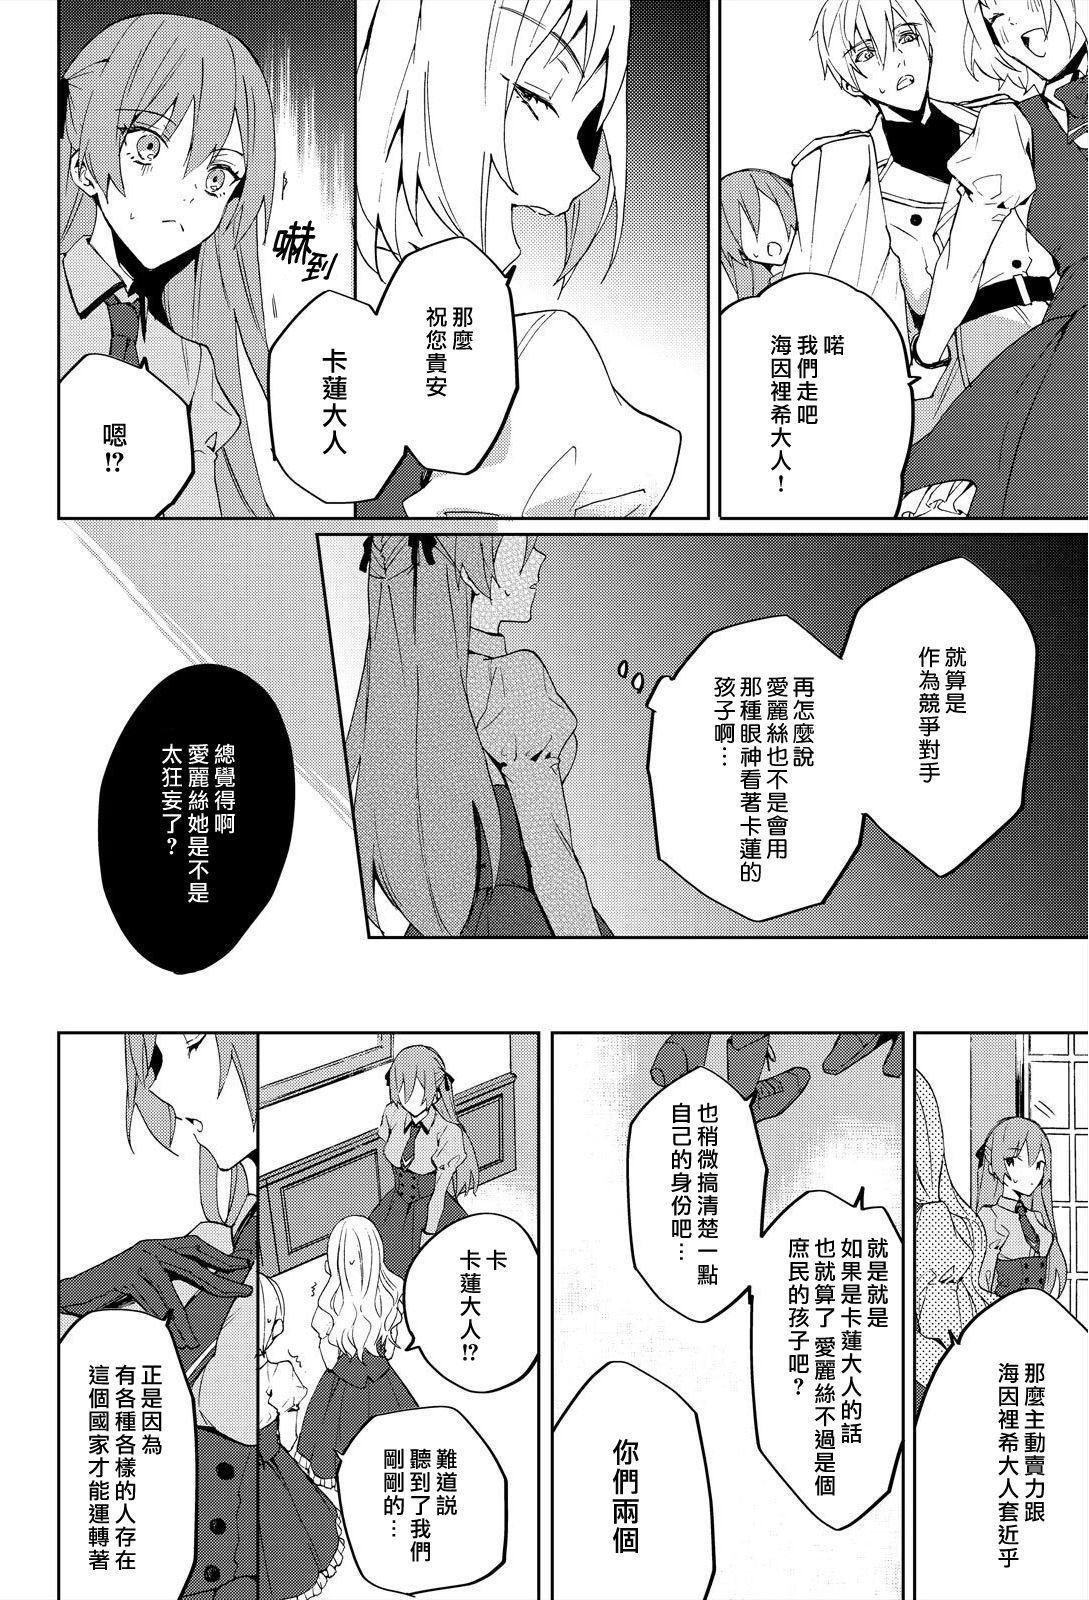 [Yuzushiwo] Akuyaku Reijou wa Ichizu ni Dekiai sarete ~Noumitsu Sex no Aite wa Juuboku~ | 被疯狂溺爱的反派大小姐~浓密性爱对象是仆从~ 1-4 [Chinese] [莉赛特汉化组] 21